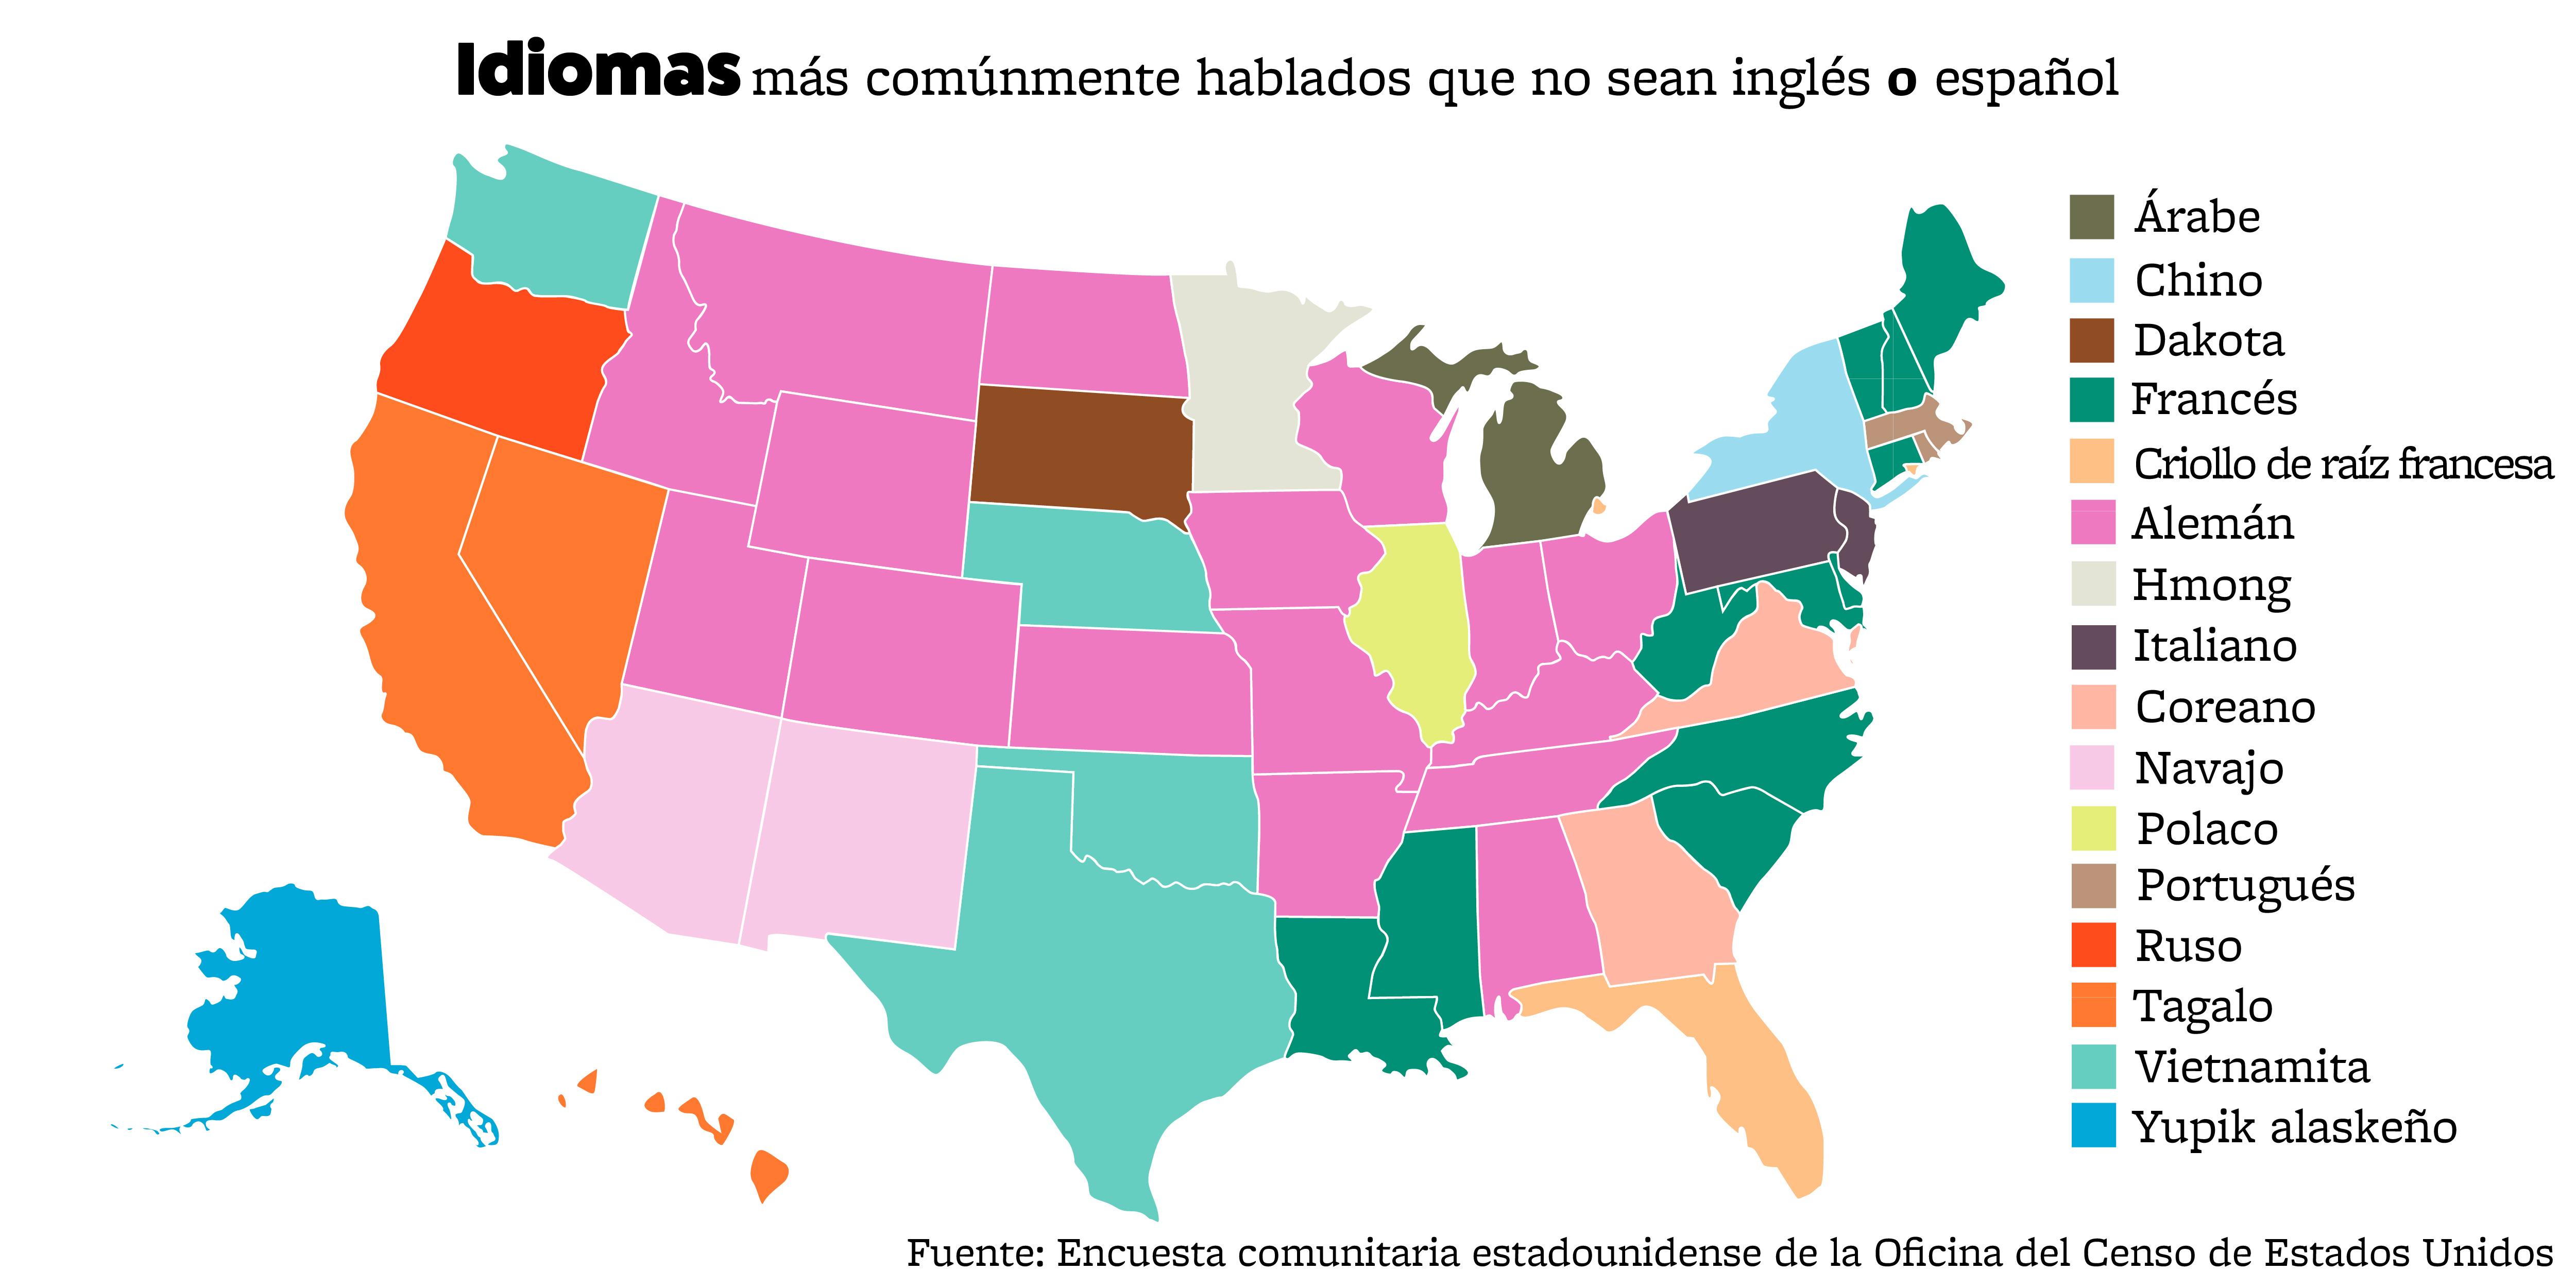 Mapa de Estados Unidos con texto que muestra las preferencias de idioma por estado. (Depto. de Estado)